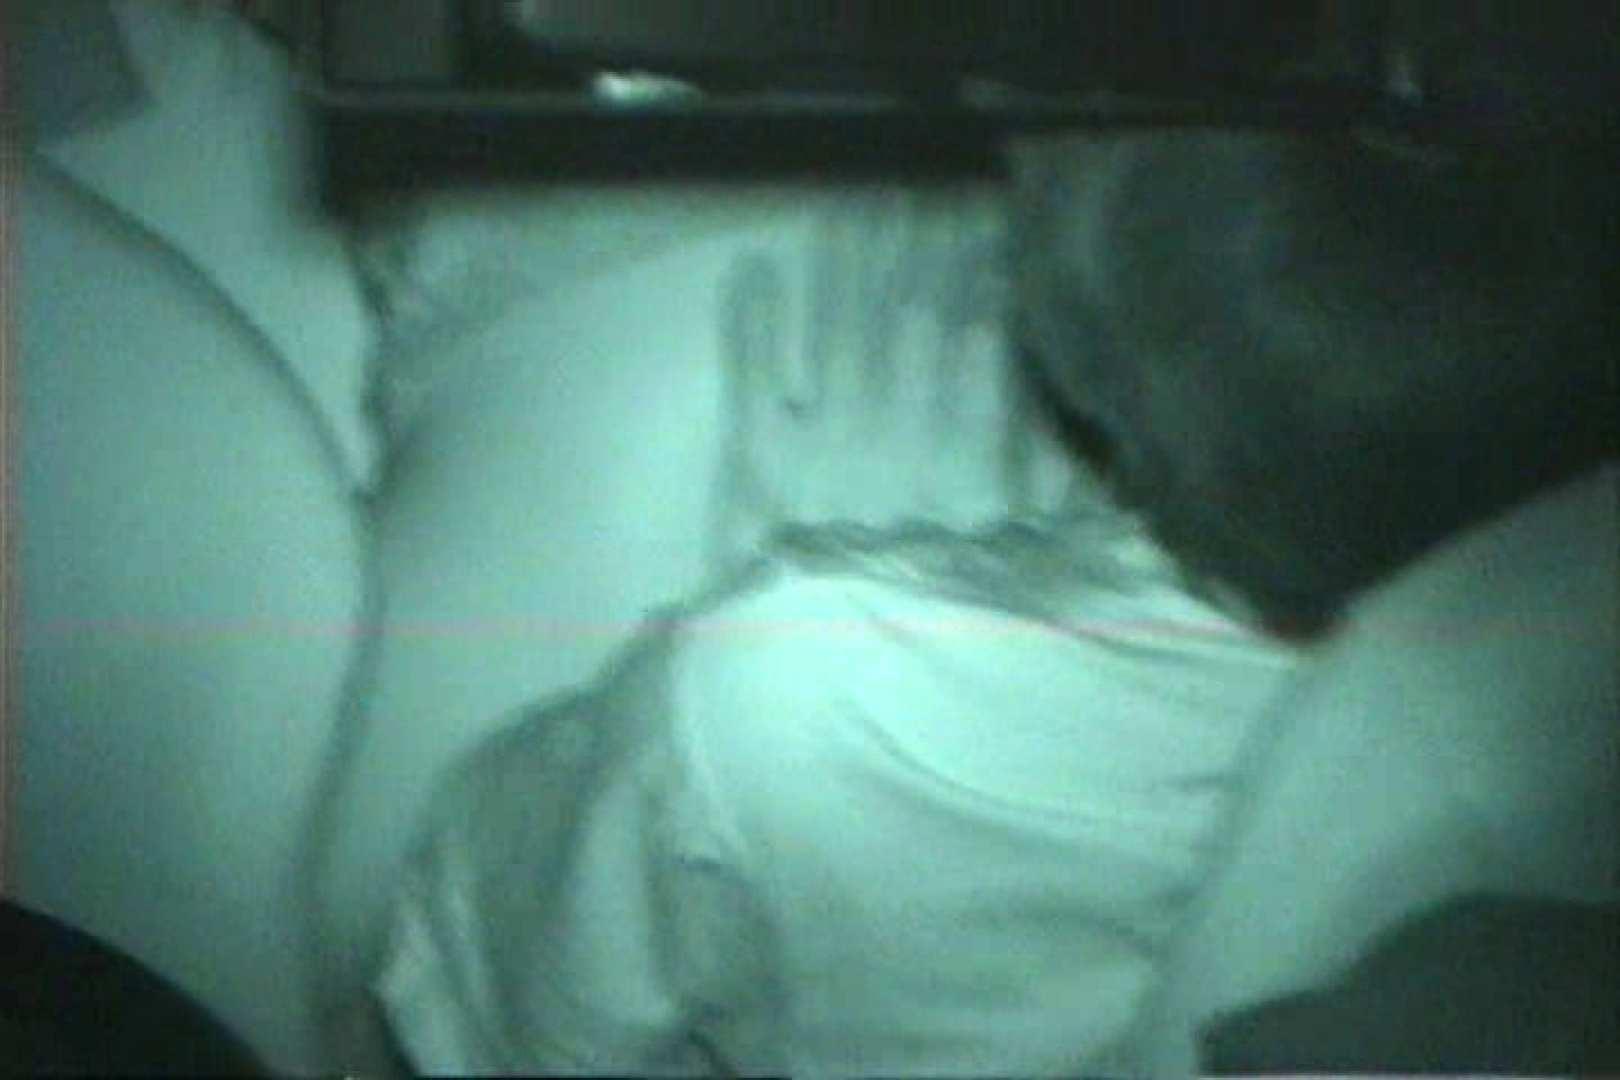 車の中はラブホテル 無修正版  Vol.27 車 オマンコ動画キャプチャ 91画像 85